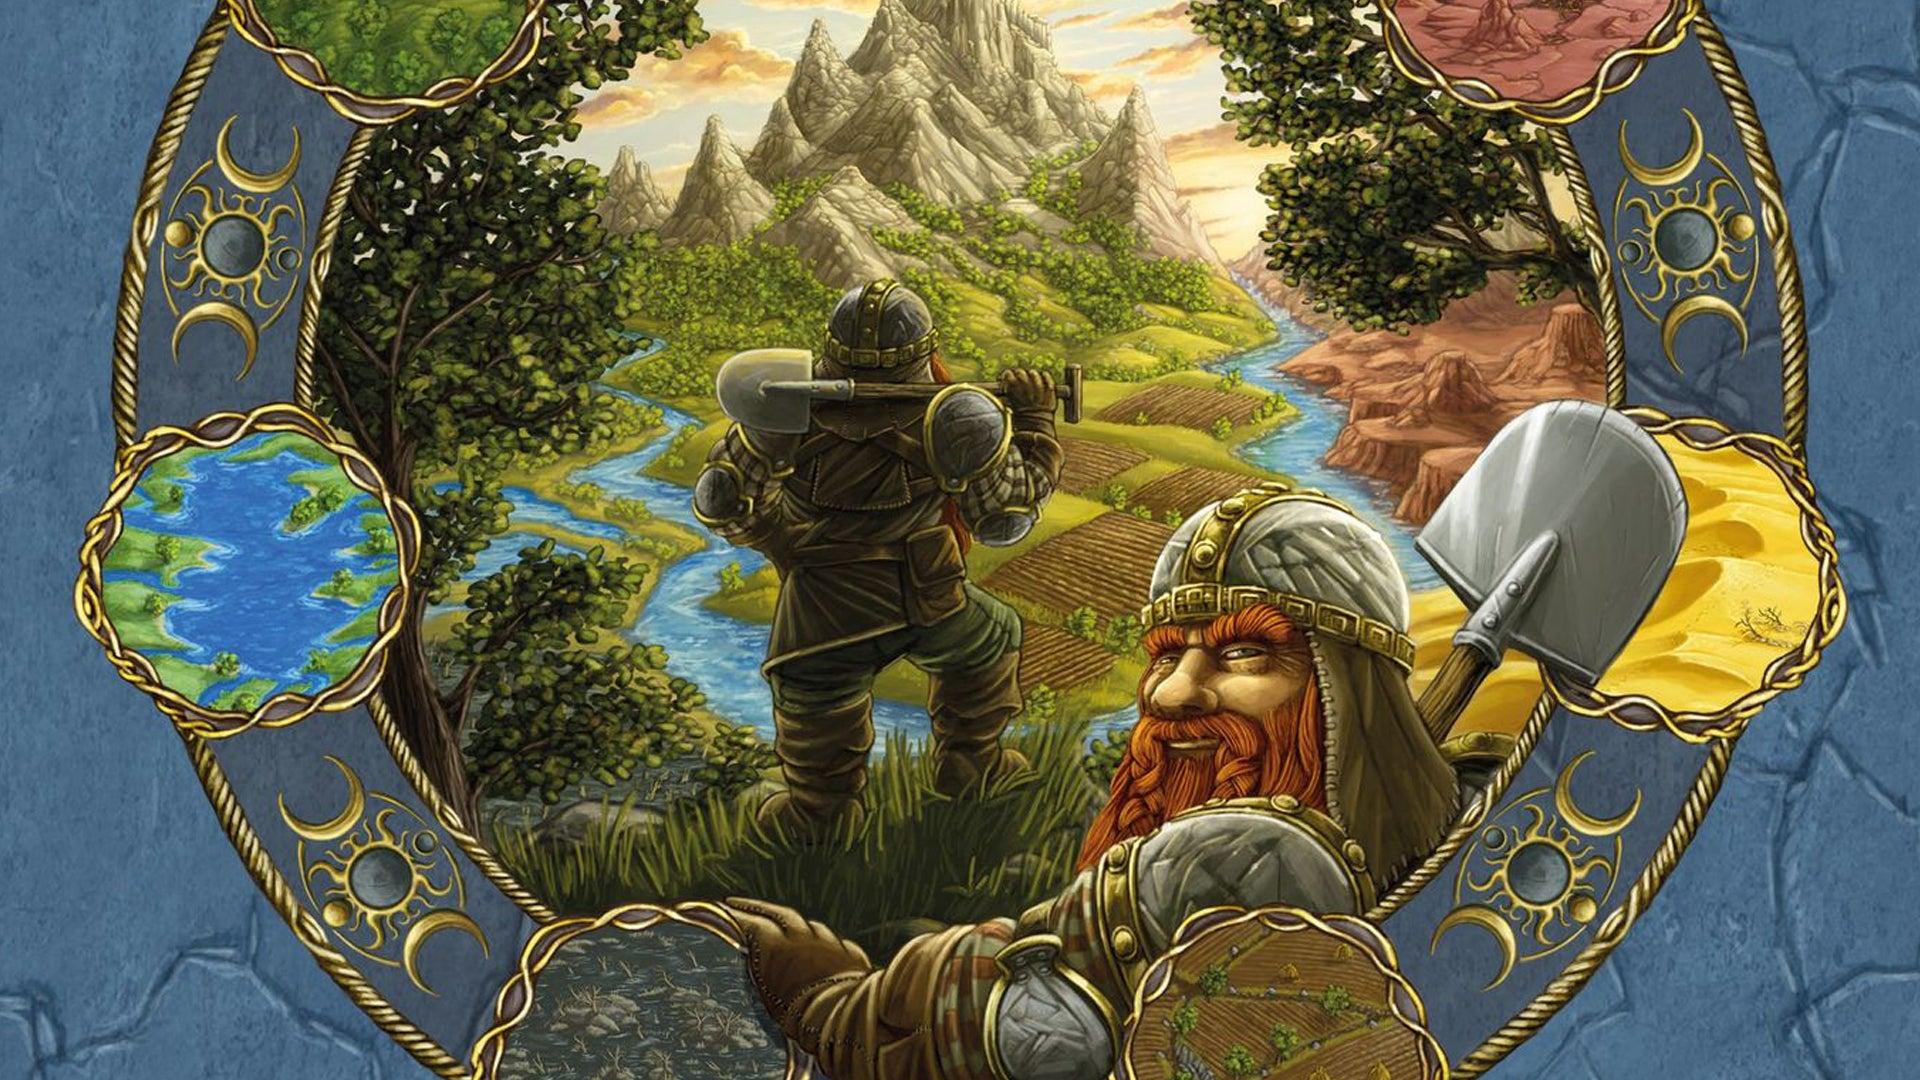 Terra Mystica board game artwork